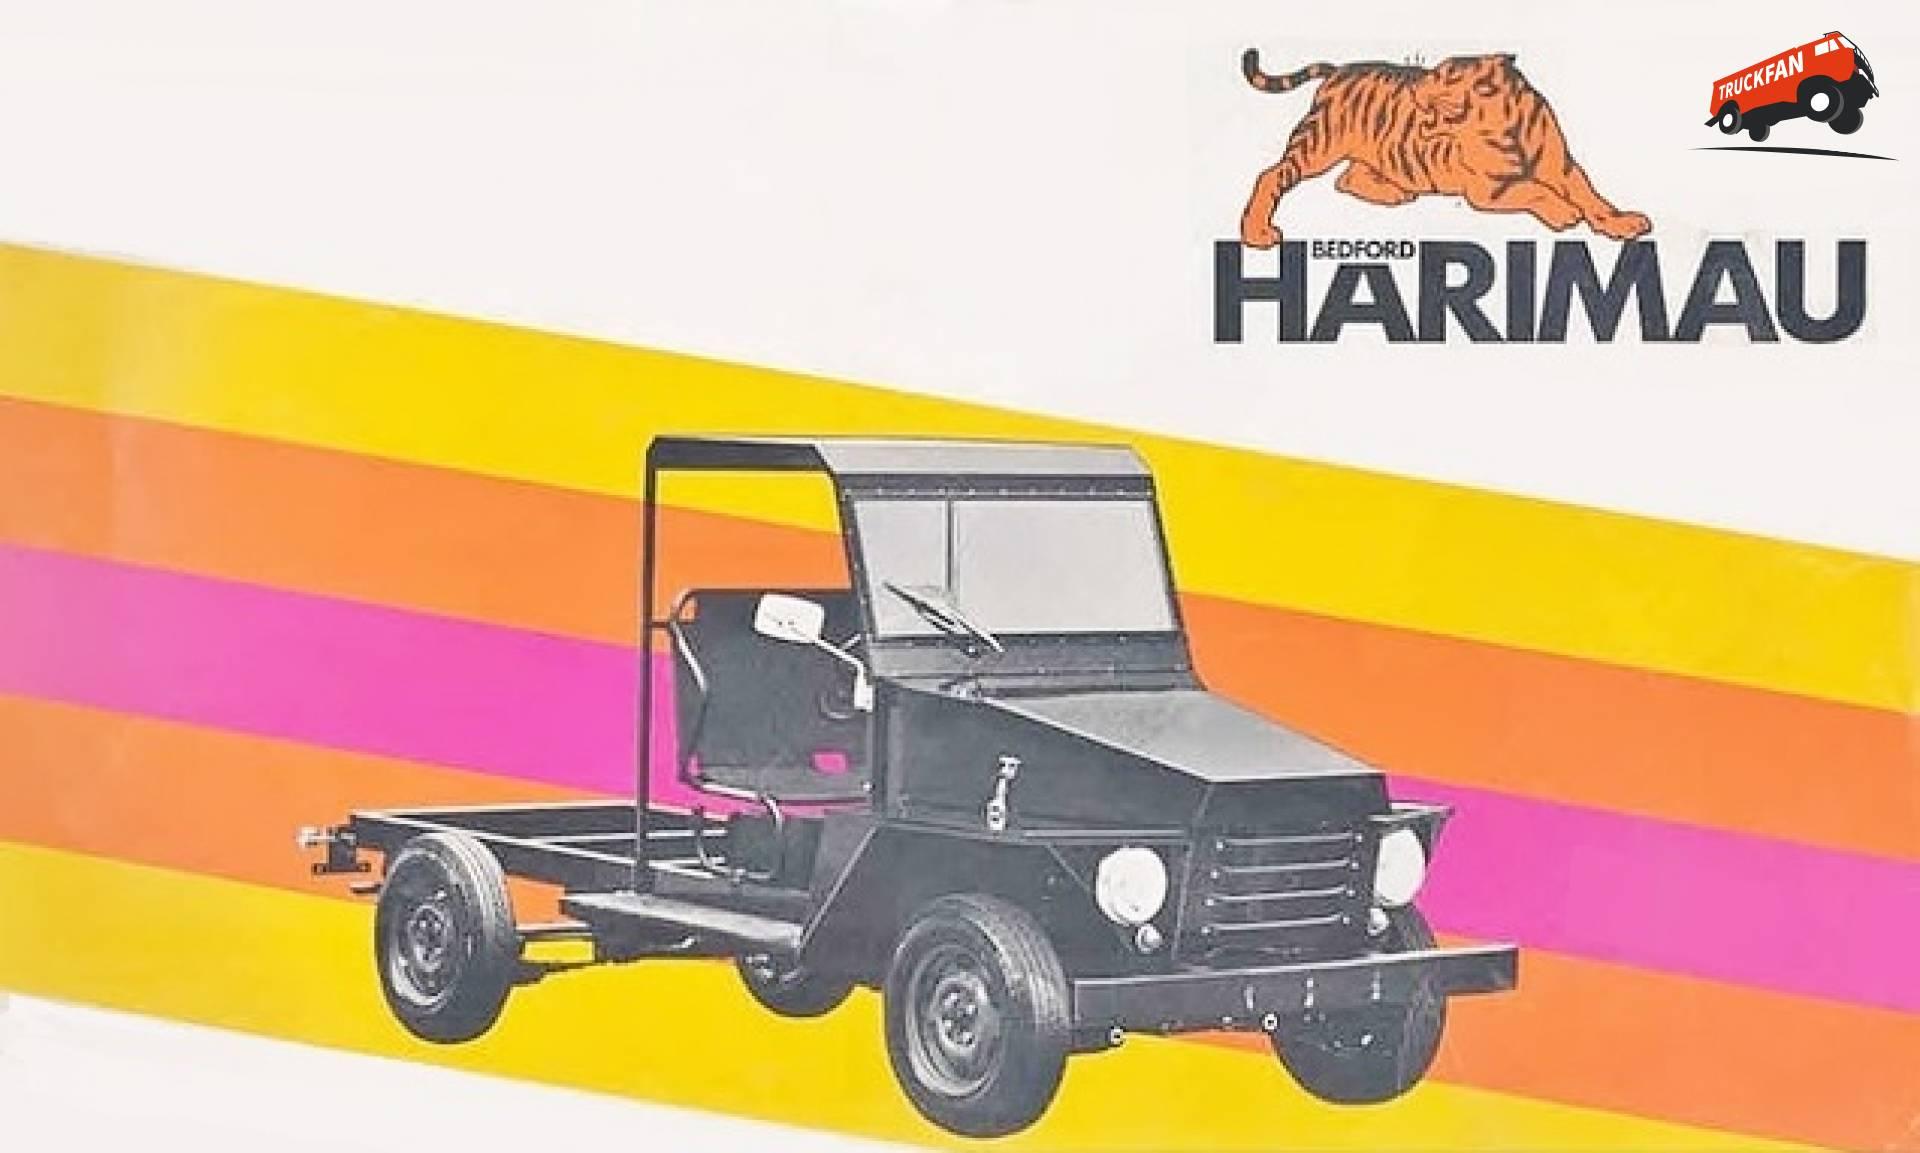 Bedford Harimau